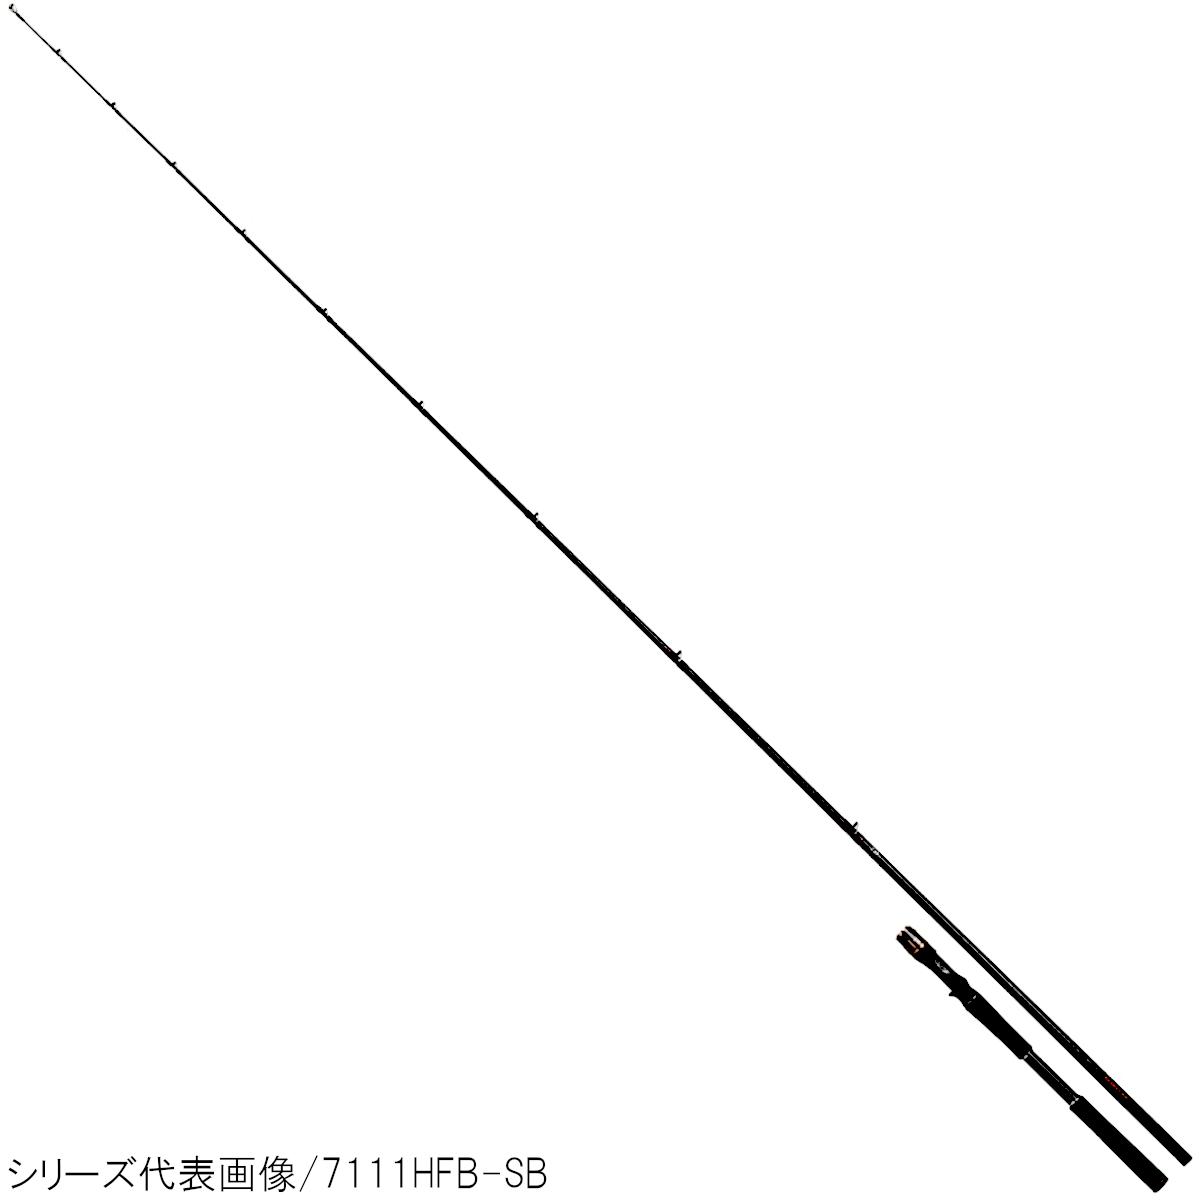 【5/10最大P45倍!】ダイワ リベリオン(ベイトモデル) 731MHFB【大型商品】(東日本店)